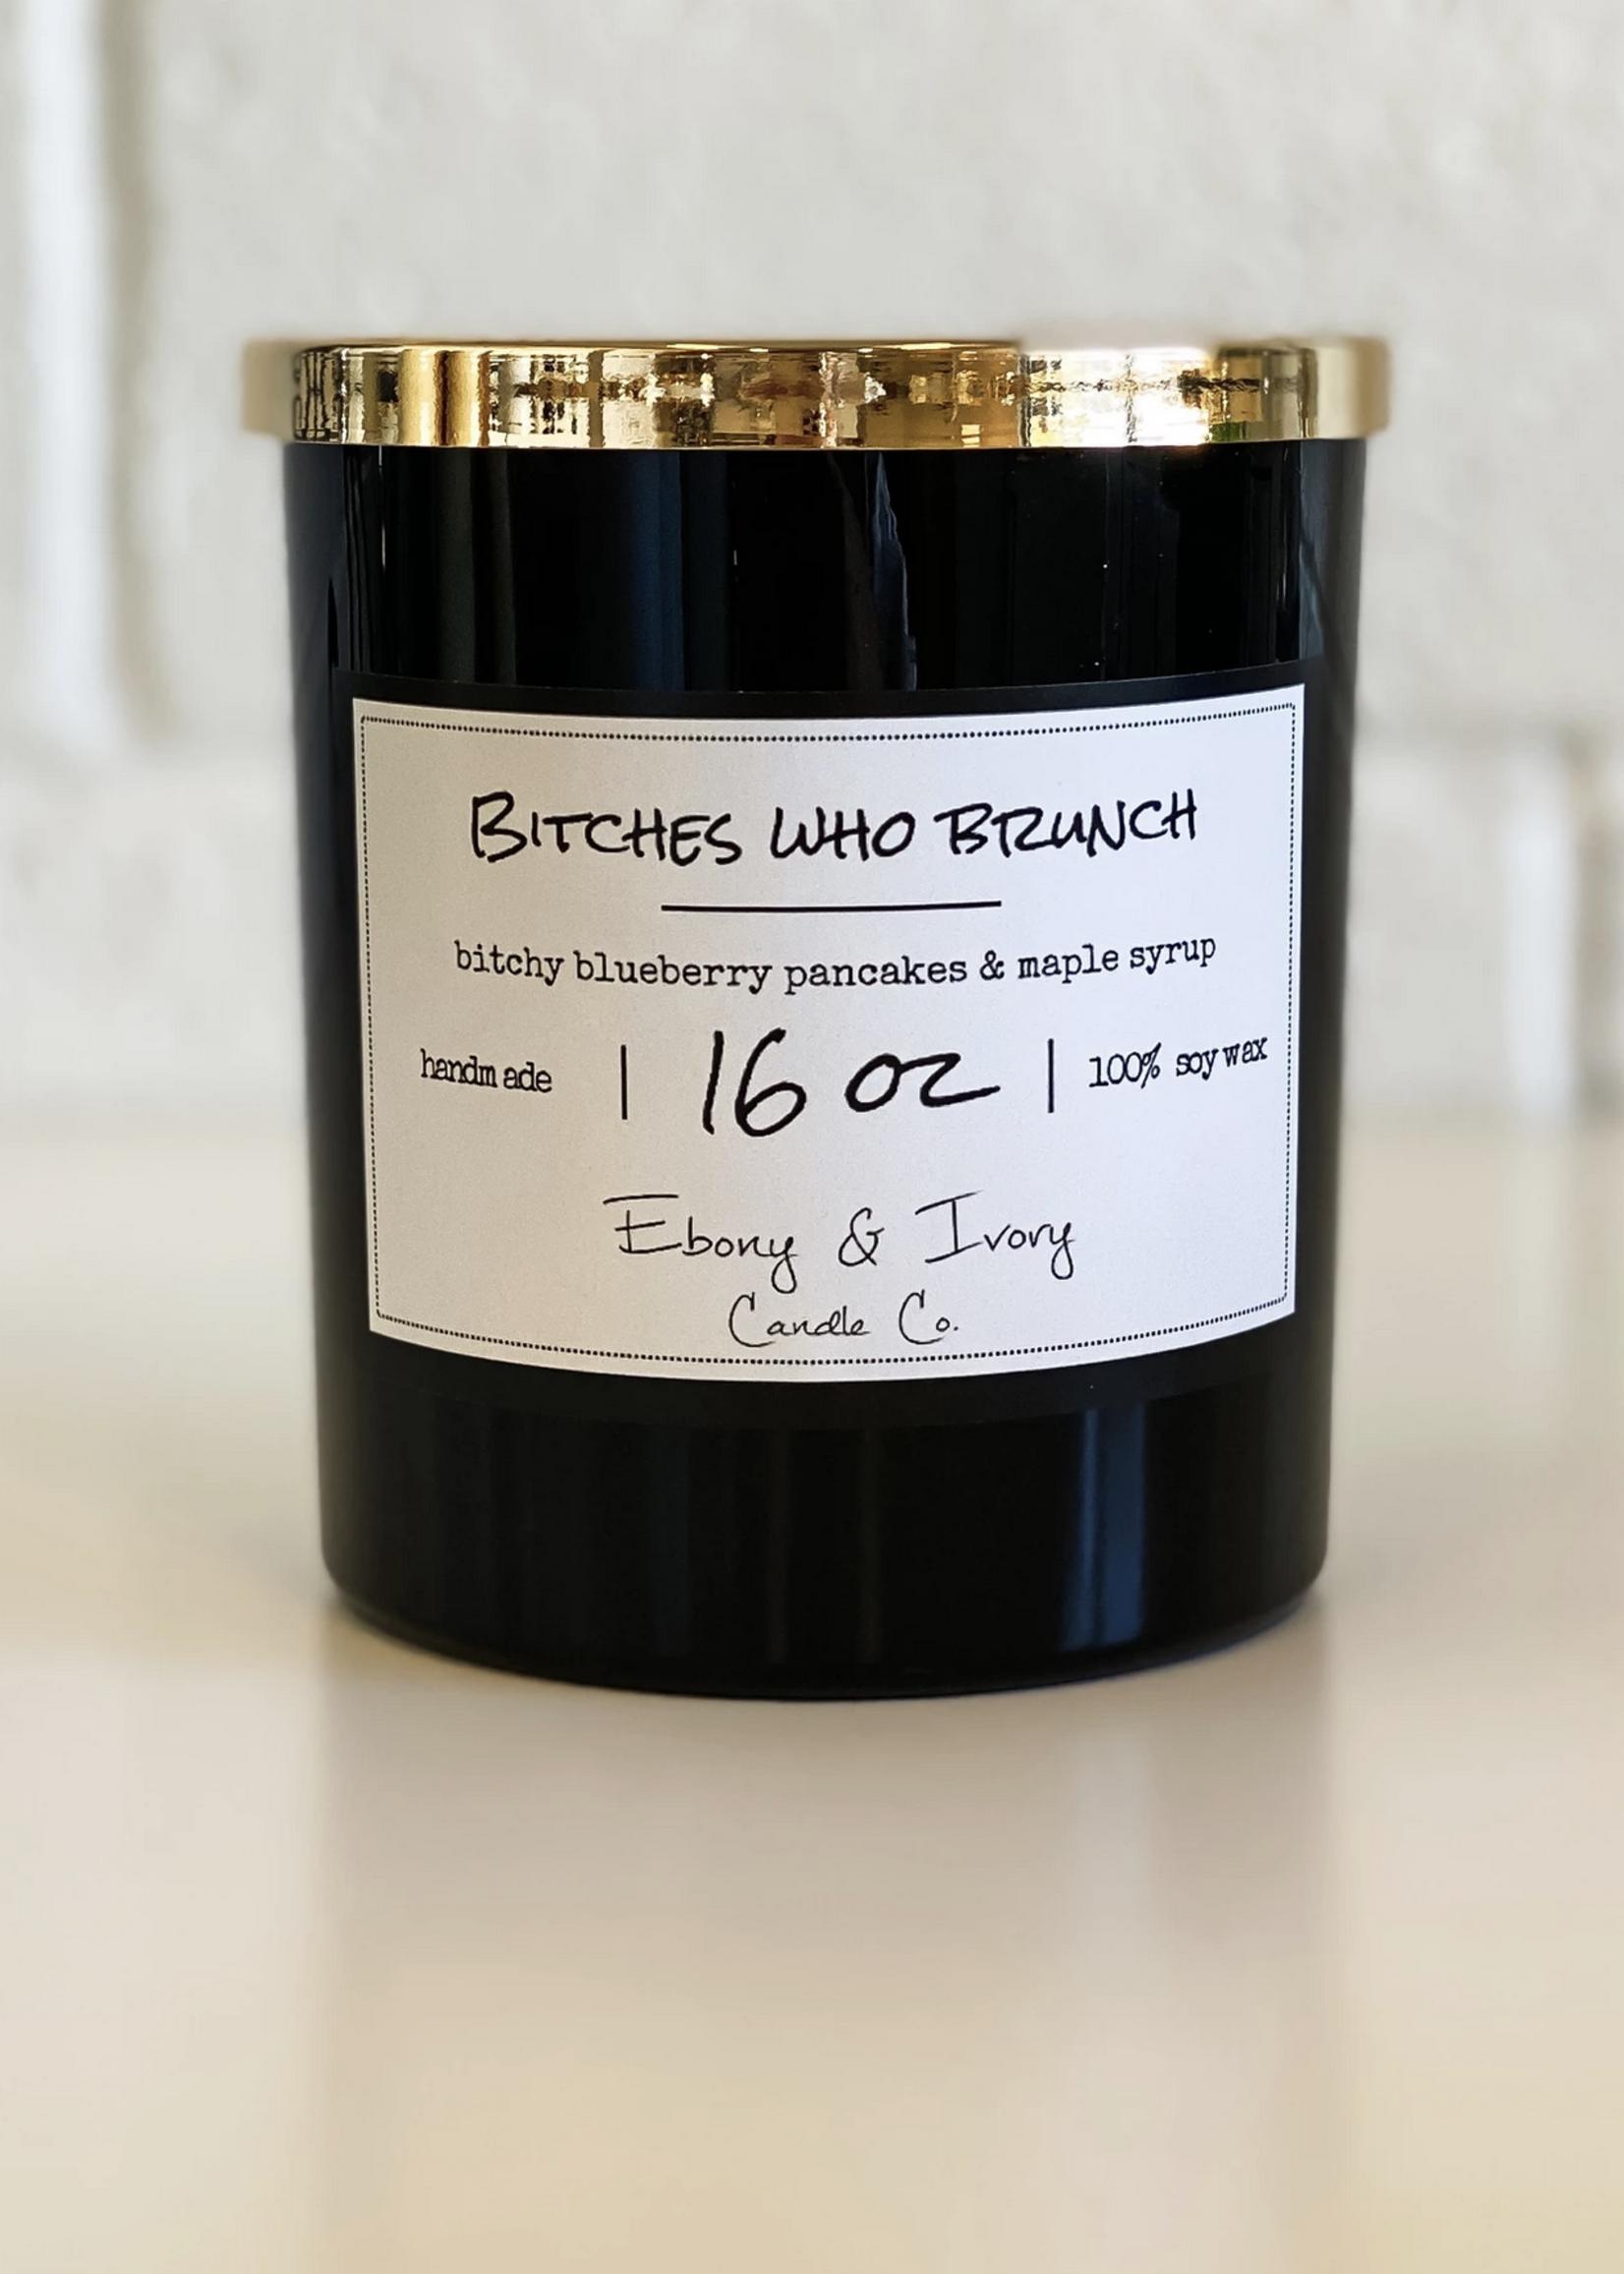 Ebony & Ivory Candle Co. Bitches Who Brunch- 16oz